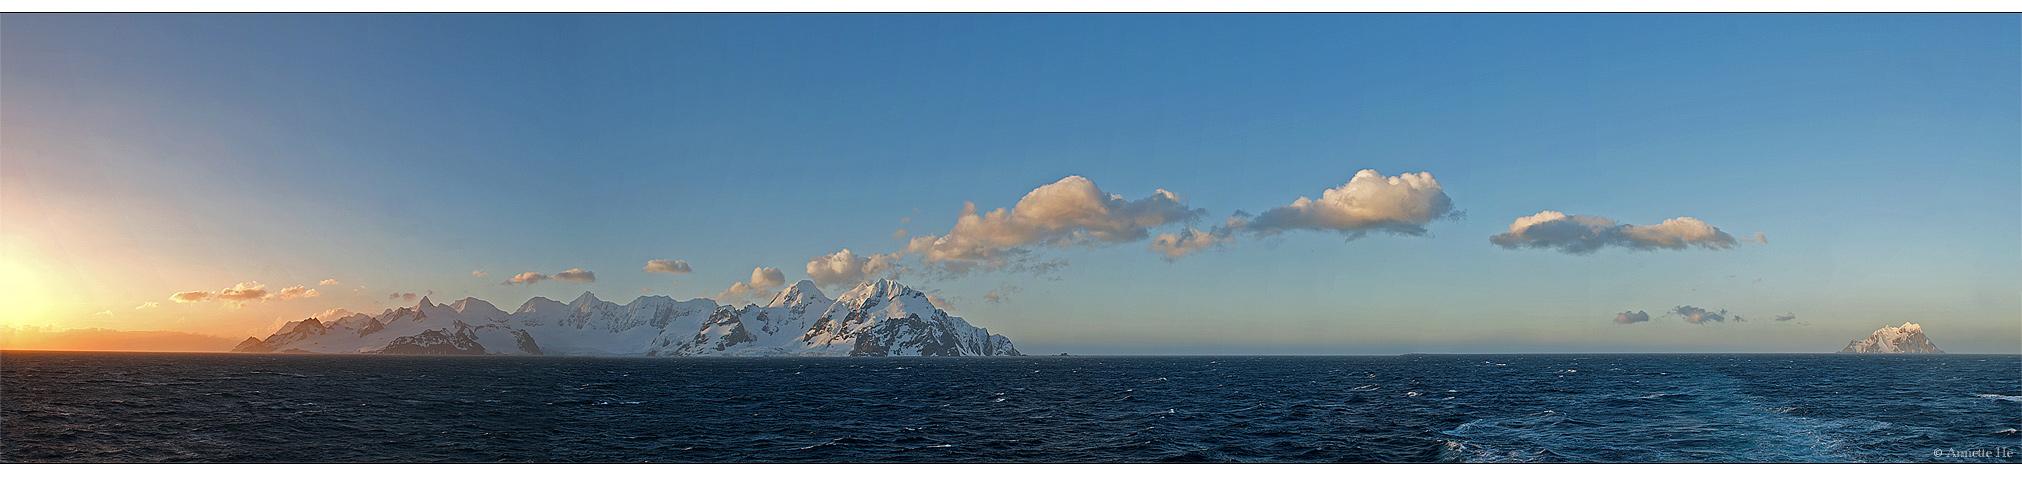 Antarktika [76] - Elephant Island